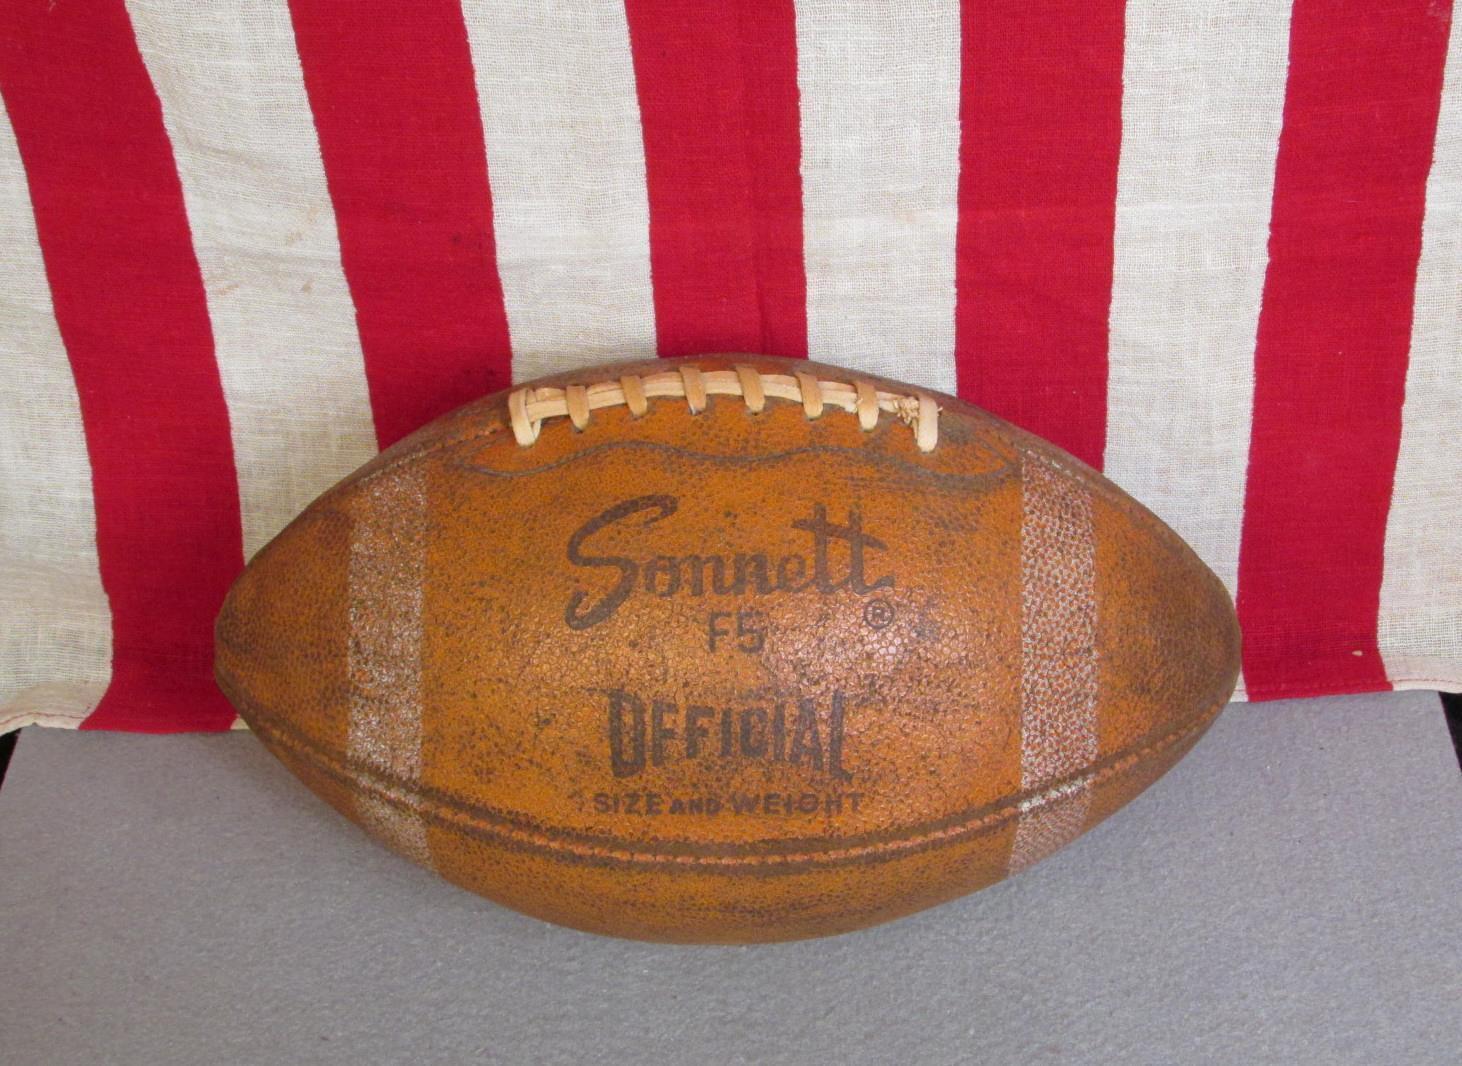 Vintage Laces Sonnett Official NFL Pelle Football w/ Laces Vintage Y.A.Tittle Model F5 Nice! 765de3